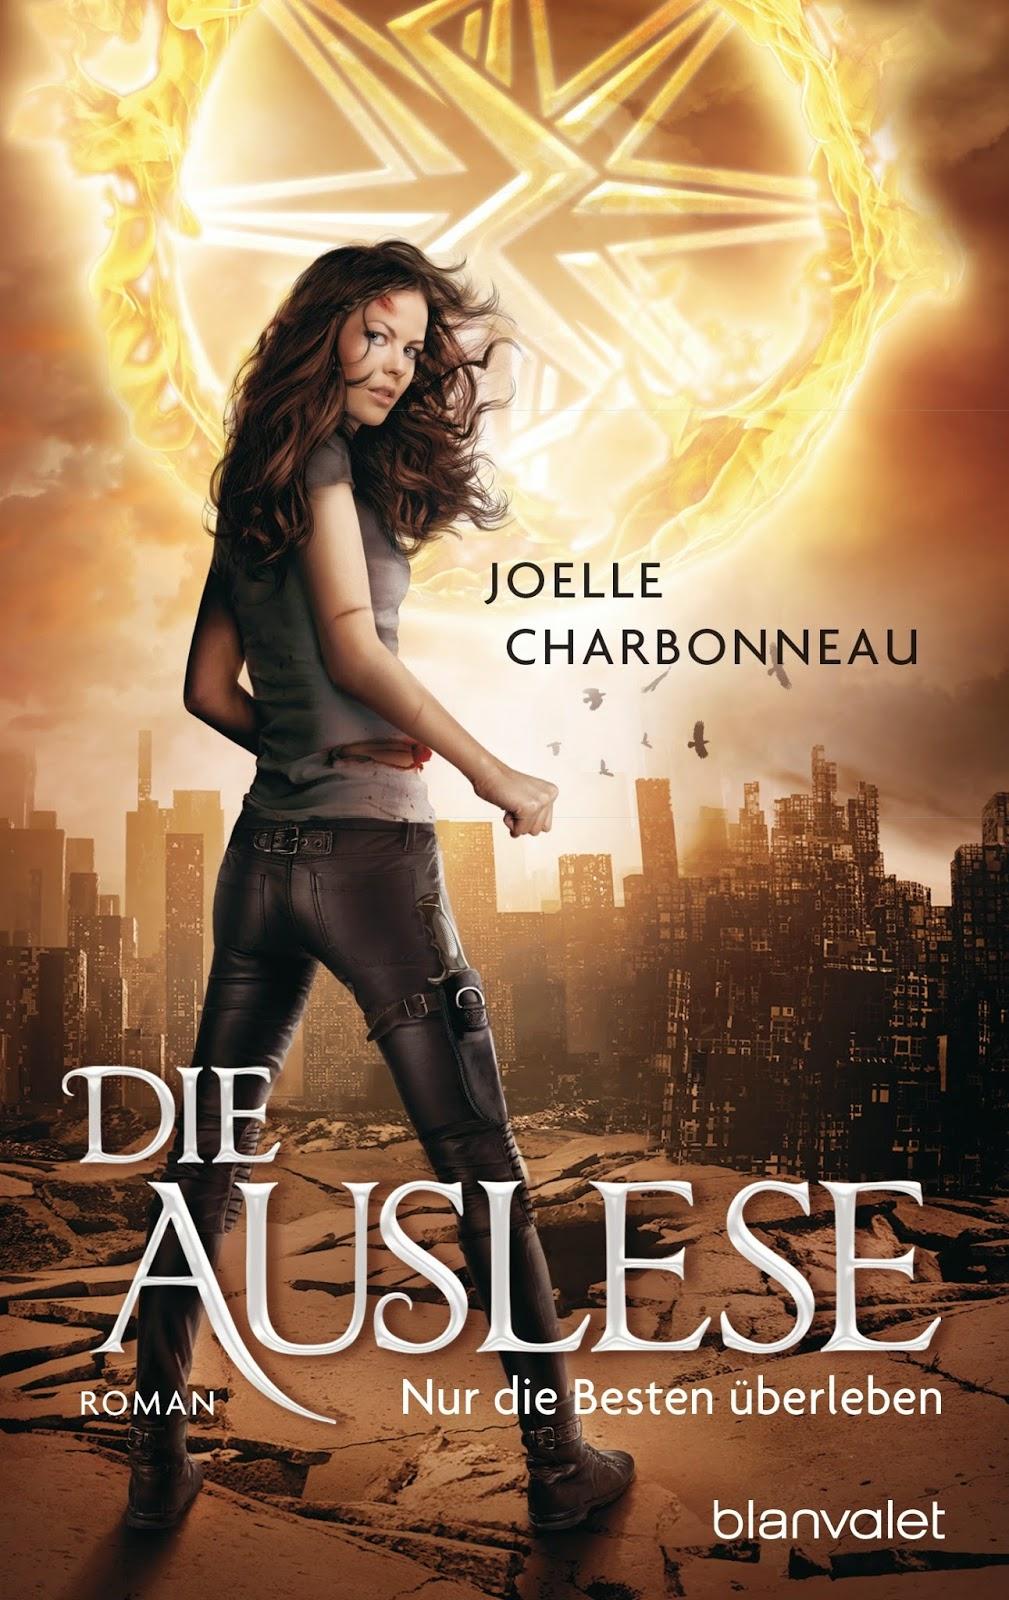 Die Auslese: Nur die Besten überleben (Joelle Charbonneau)